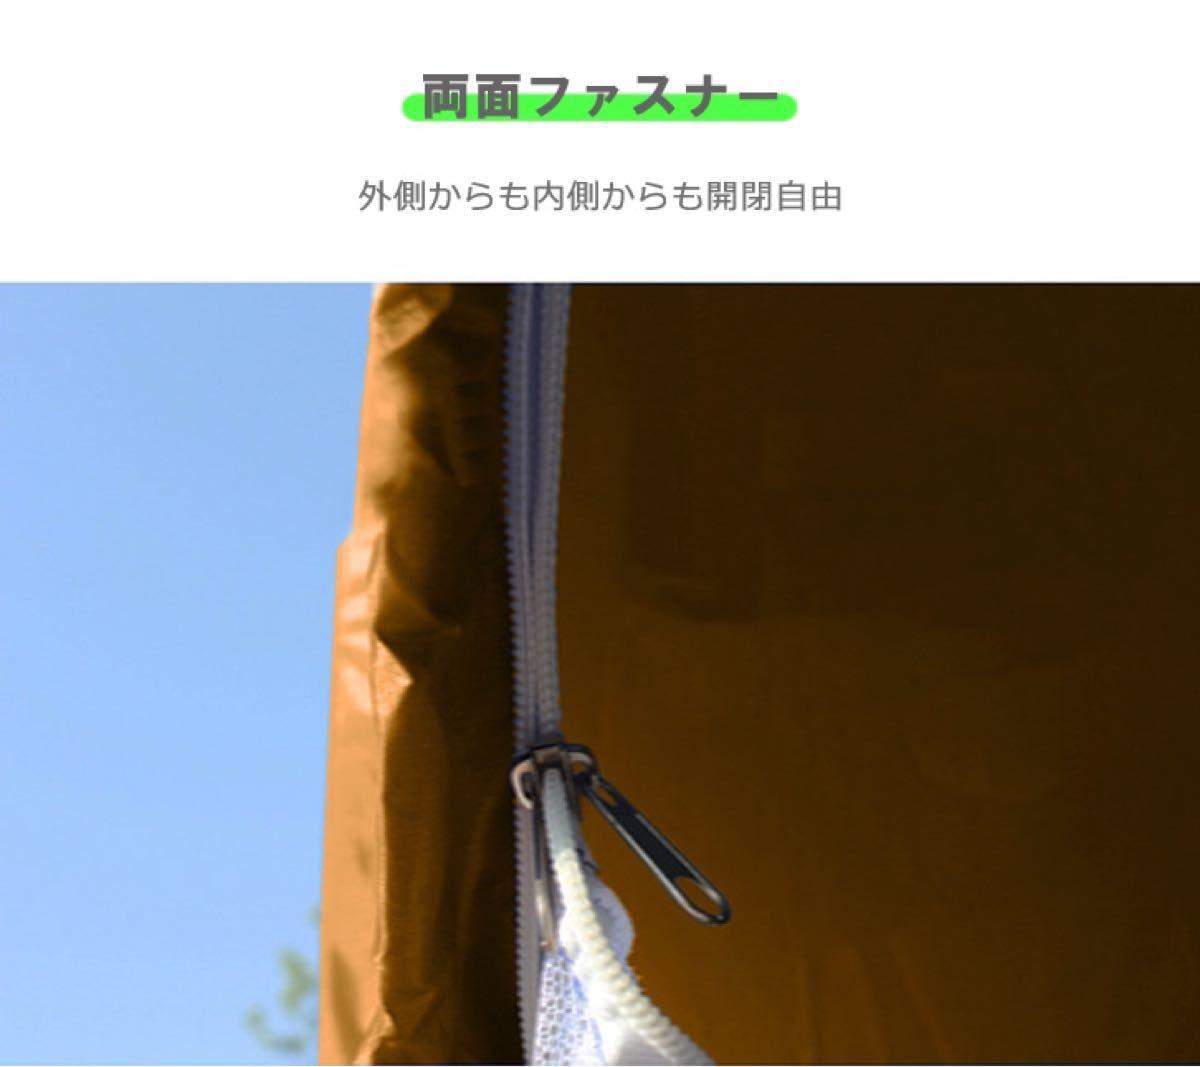 【新品】ソロキャンプ用 テント キャンプ アウトドア 一人旅